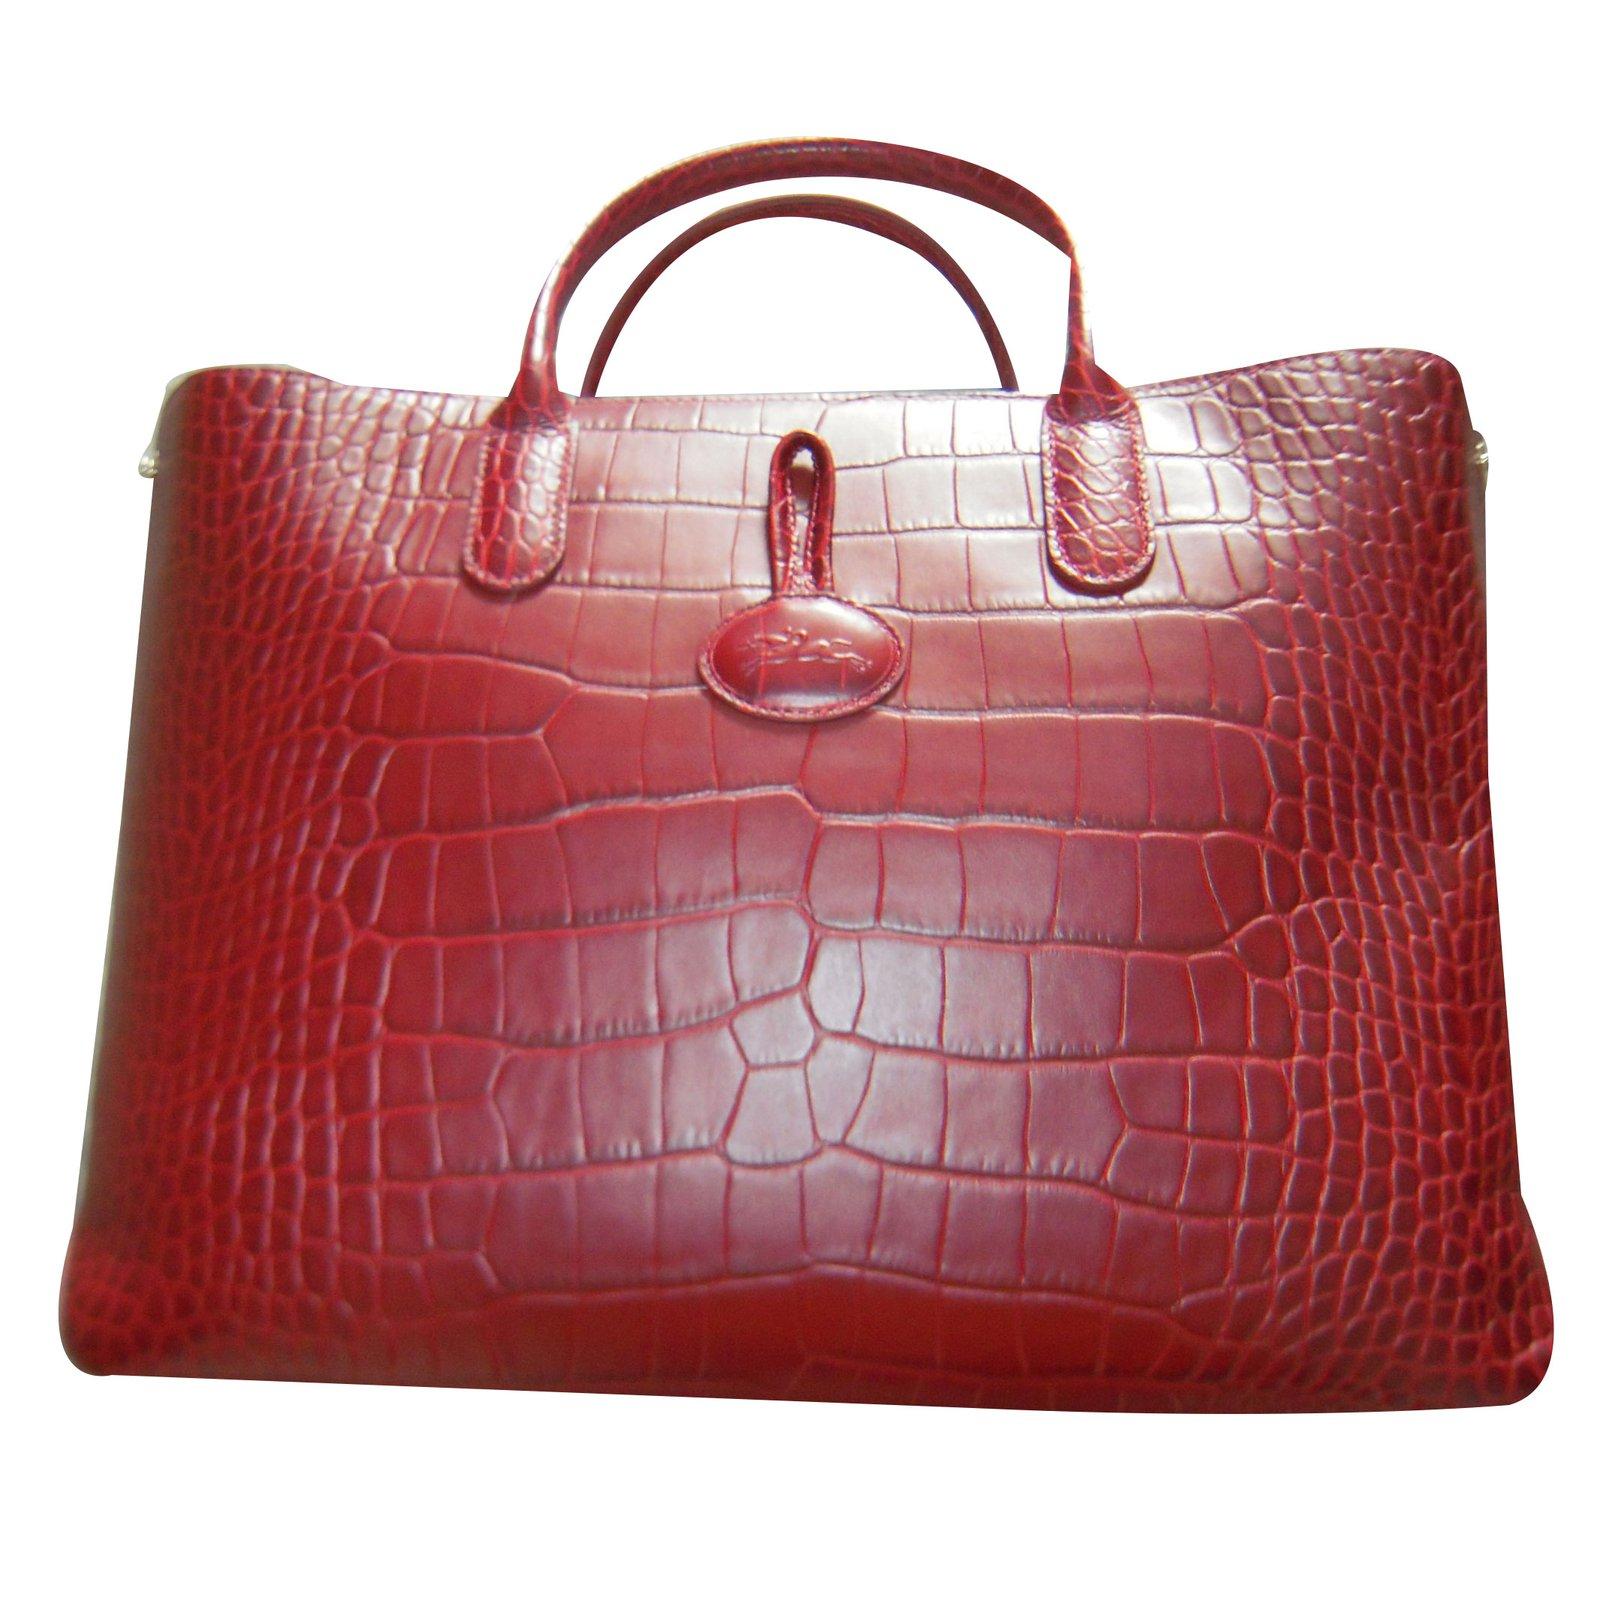 b387640faa Longchamp roseau Handbags Leather Dark red ref.41245 - Joli Closet